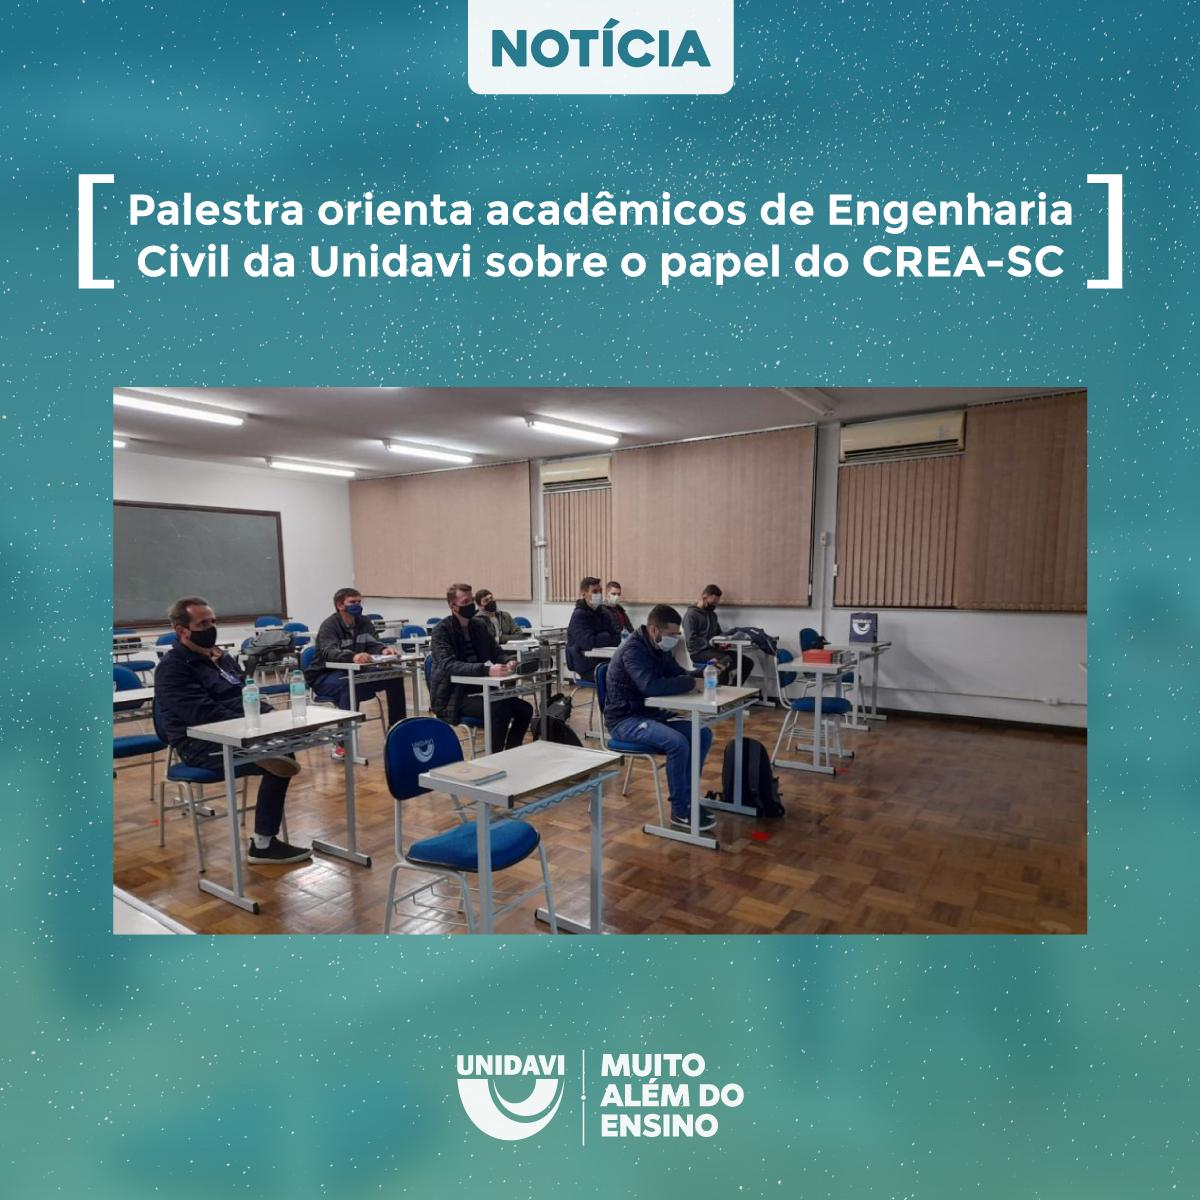 Palestra orienta acadêmicos de engenharia civil da Unidavi sobre o papel do CREA-SC